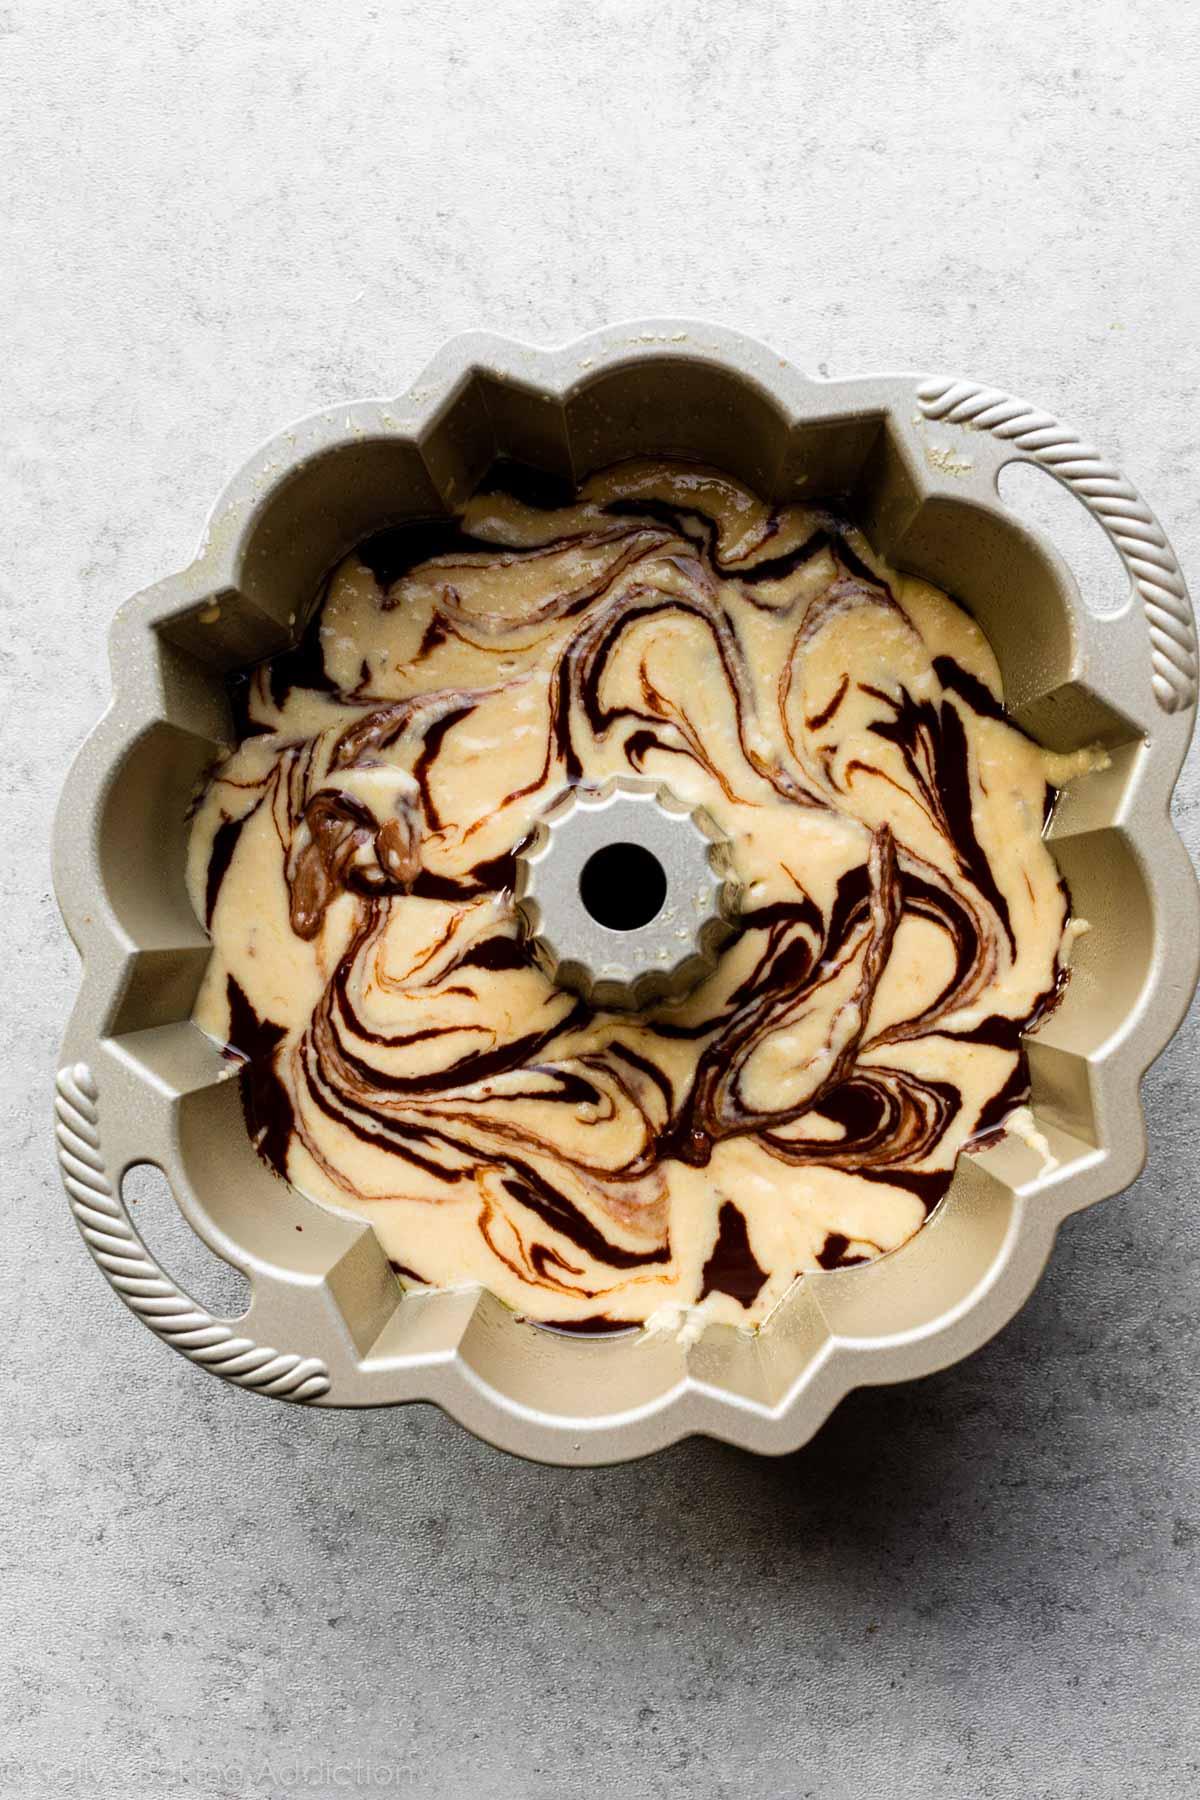 pâte à gâteau à la banane tourbillonnée de ganache au chocolat